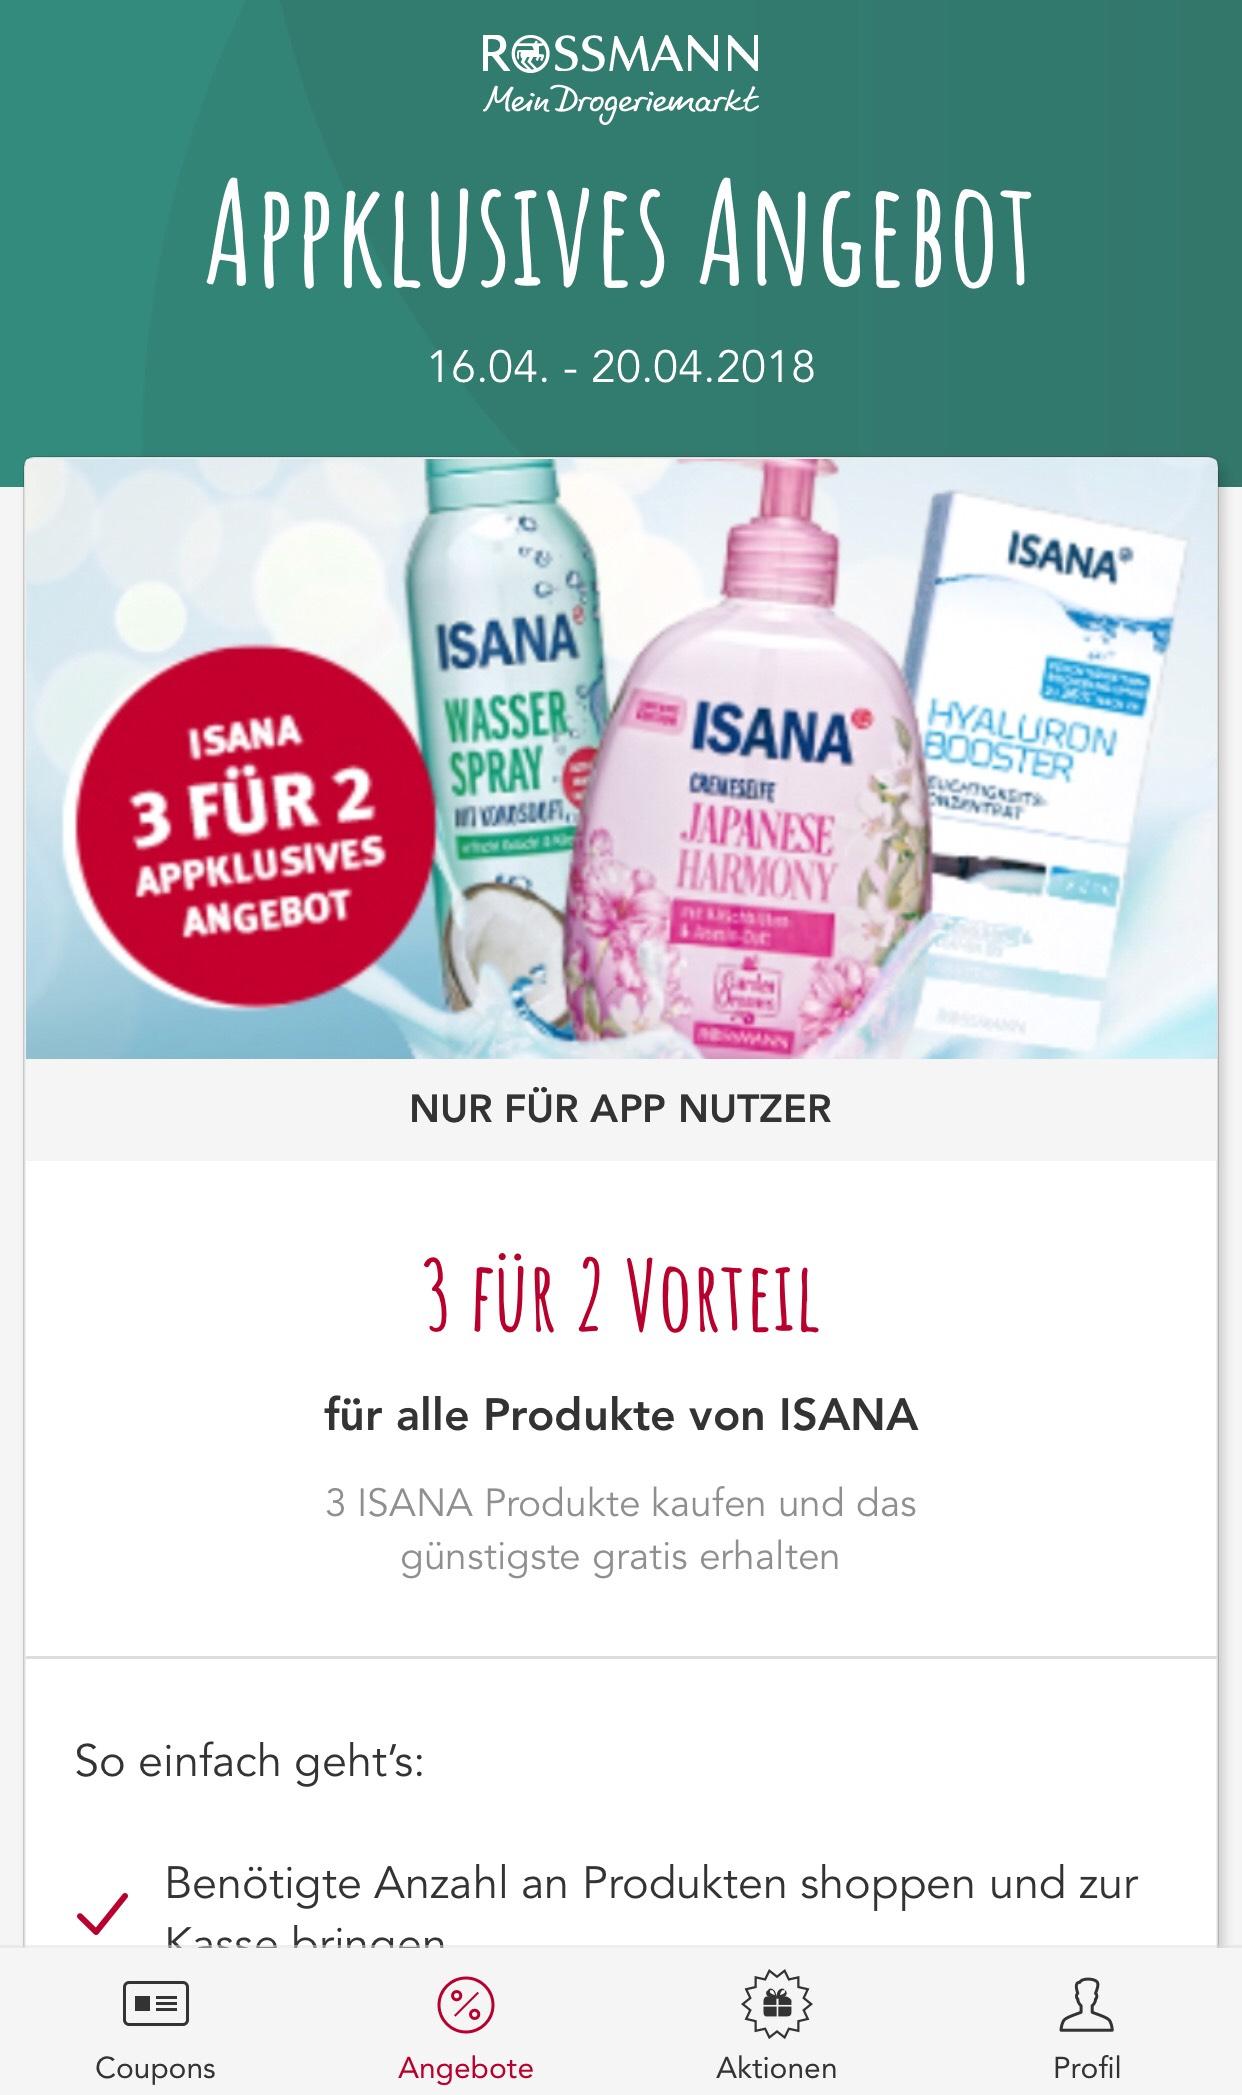 [Rossmann App] Isana 3 für 2 - Das günstigste Produkt ist gratis *läuft heute ab*